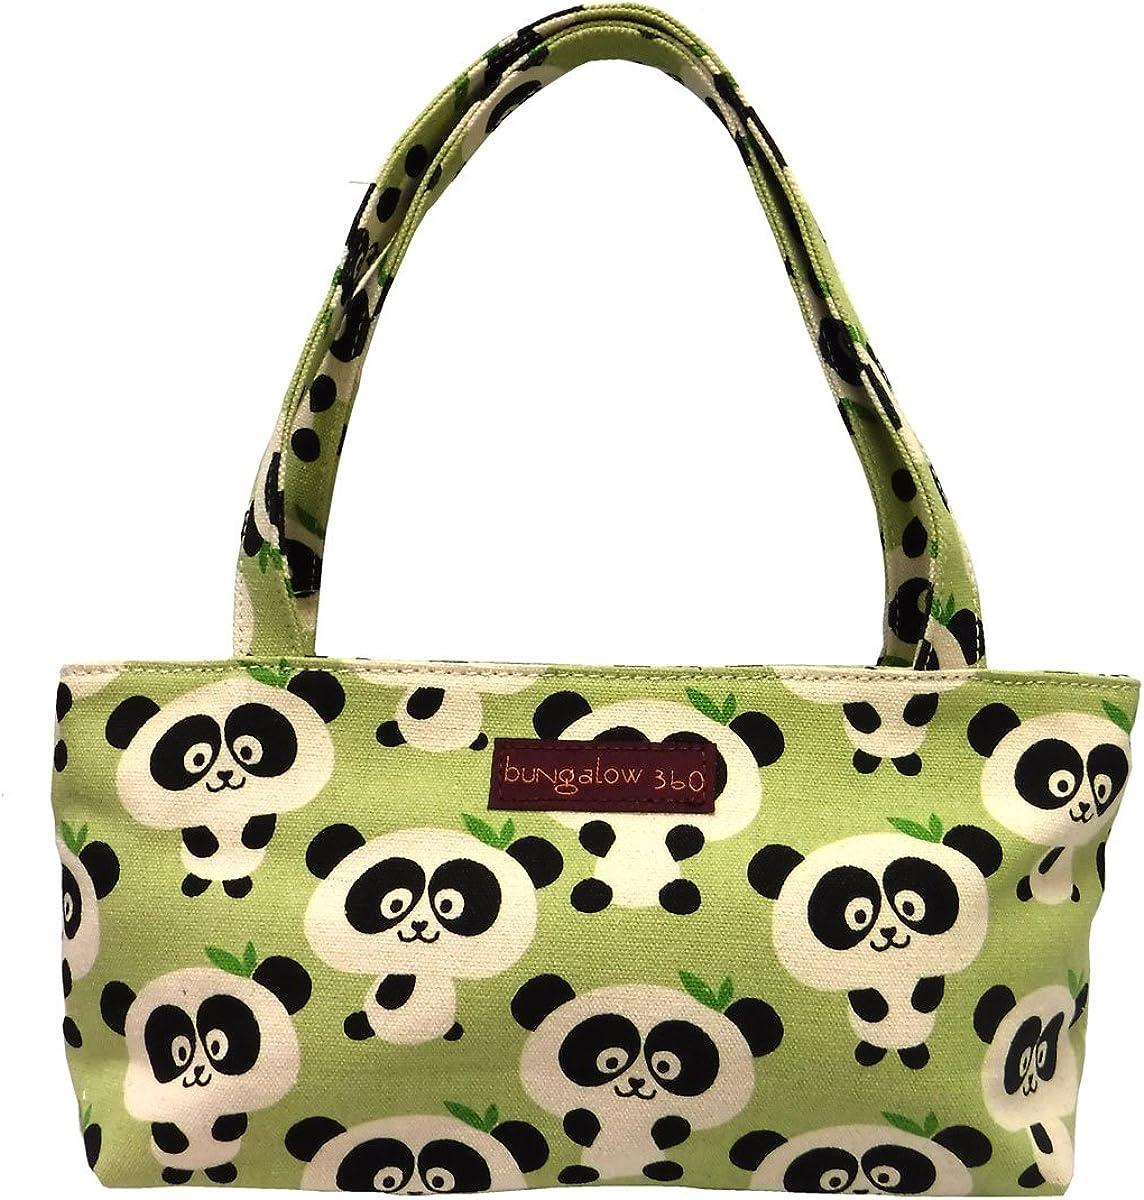 Bungalow360 Vegan Cotton Canvas Mini Bag Purse